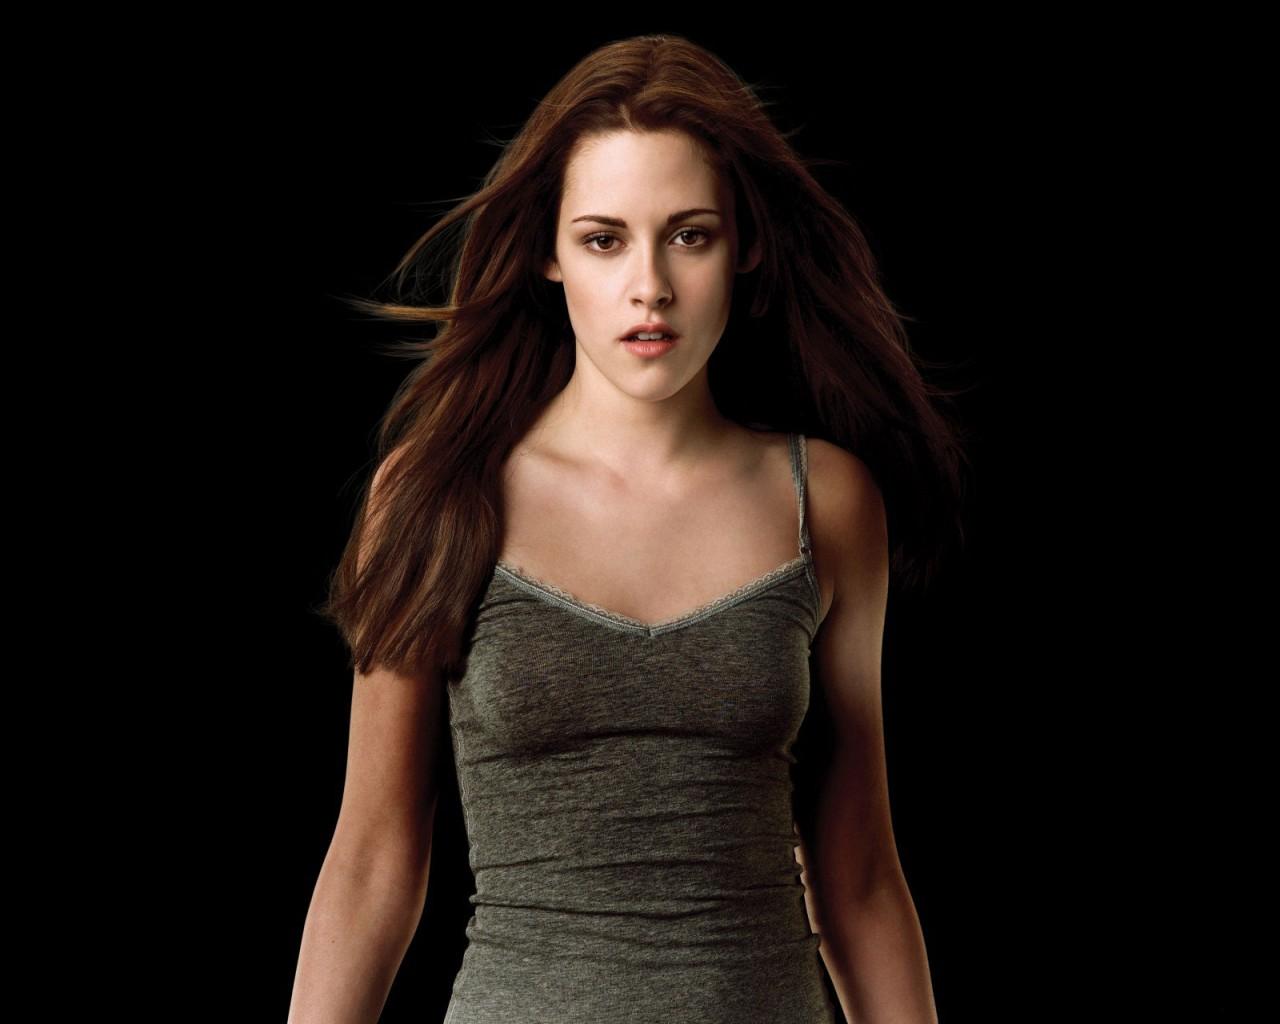 3d Wallpaper Actress Kristen Stewart Twilight Actress Wallpapers Hd